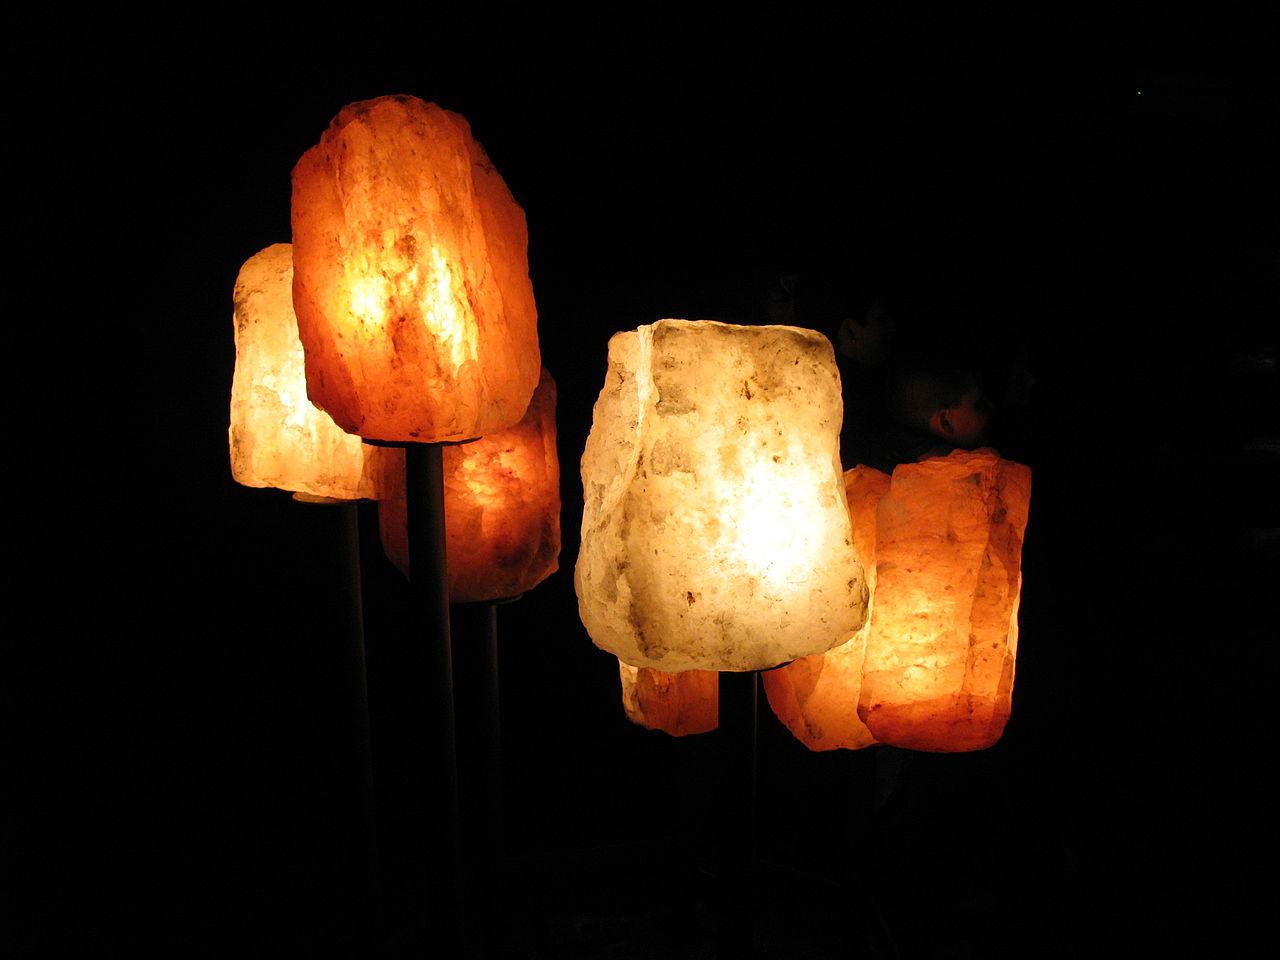 Sizes Of Salt Lamps : File:1089 - Hallstatt - Salzbergwerk - Salt Lamps.JPG - Wikimedia Commons